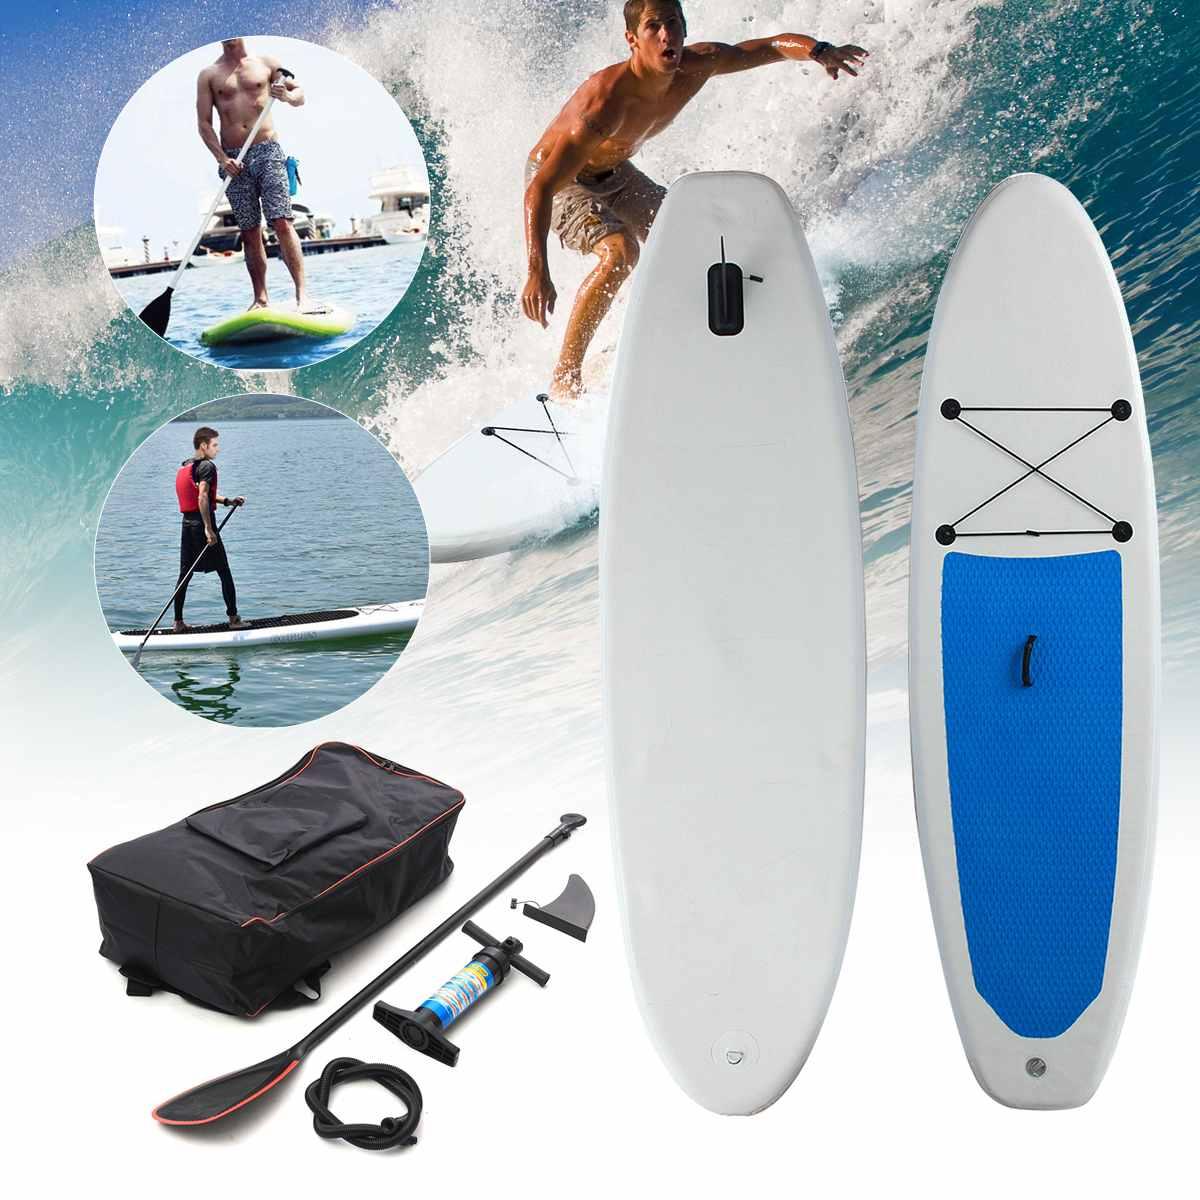 Gofun 310*68.5*10 cm stand up paddle Planche De surf Gonflable Conseil SUP Ensemble W ave Rider + Pompe gonflable surf planche de paddle bateau